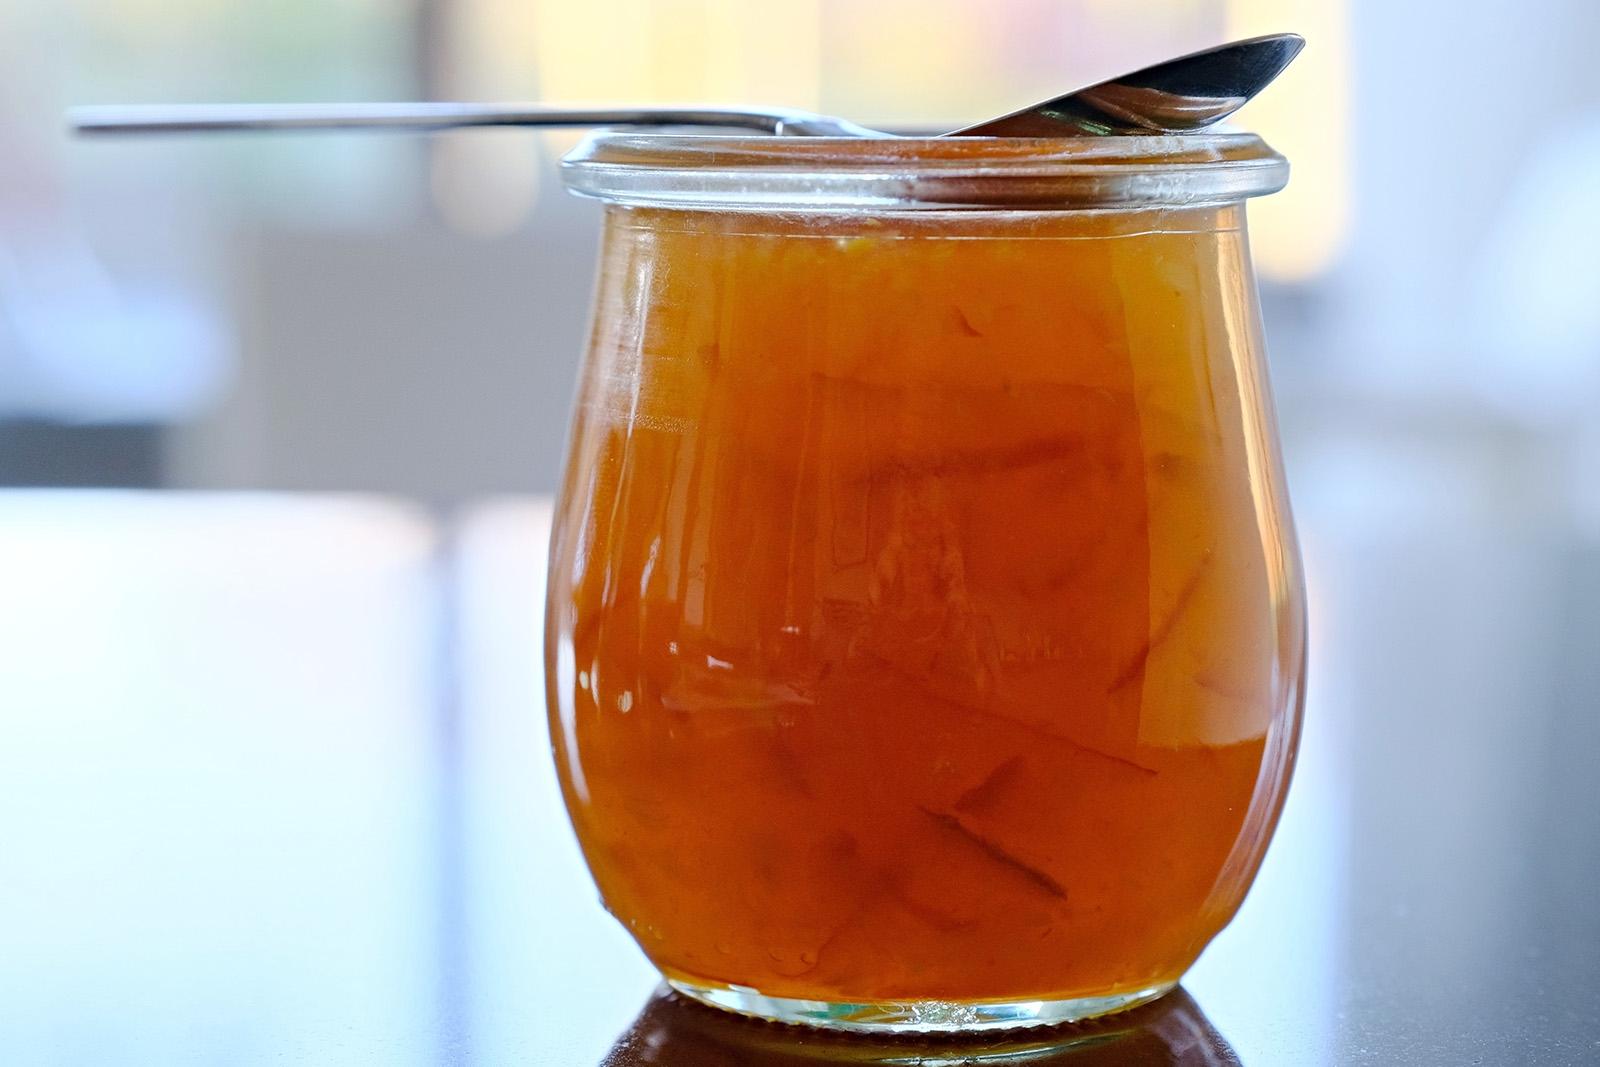 Ikonická pomerančová marmeláda typická pro Brity